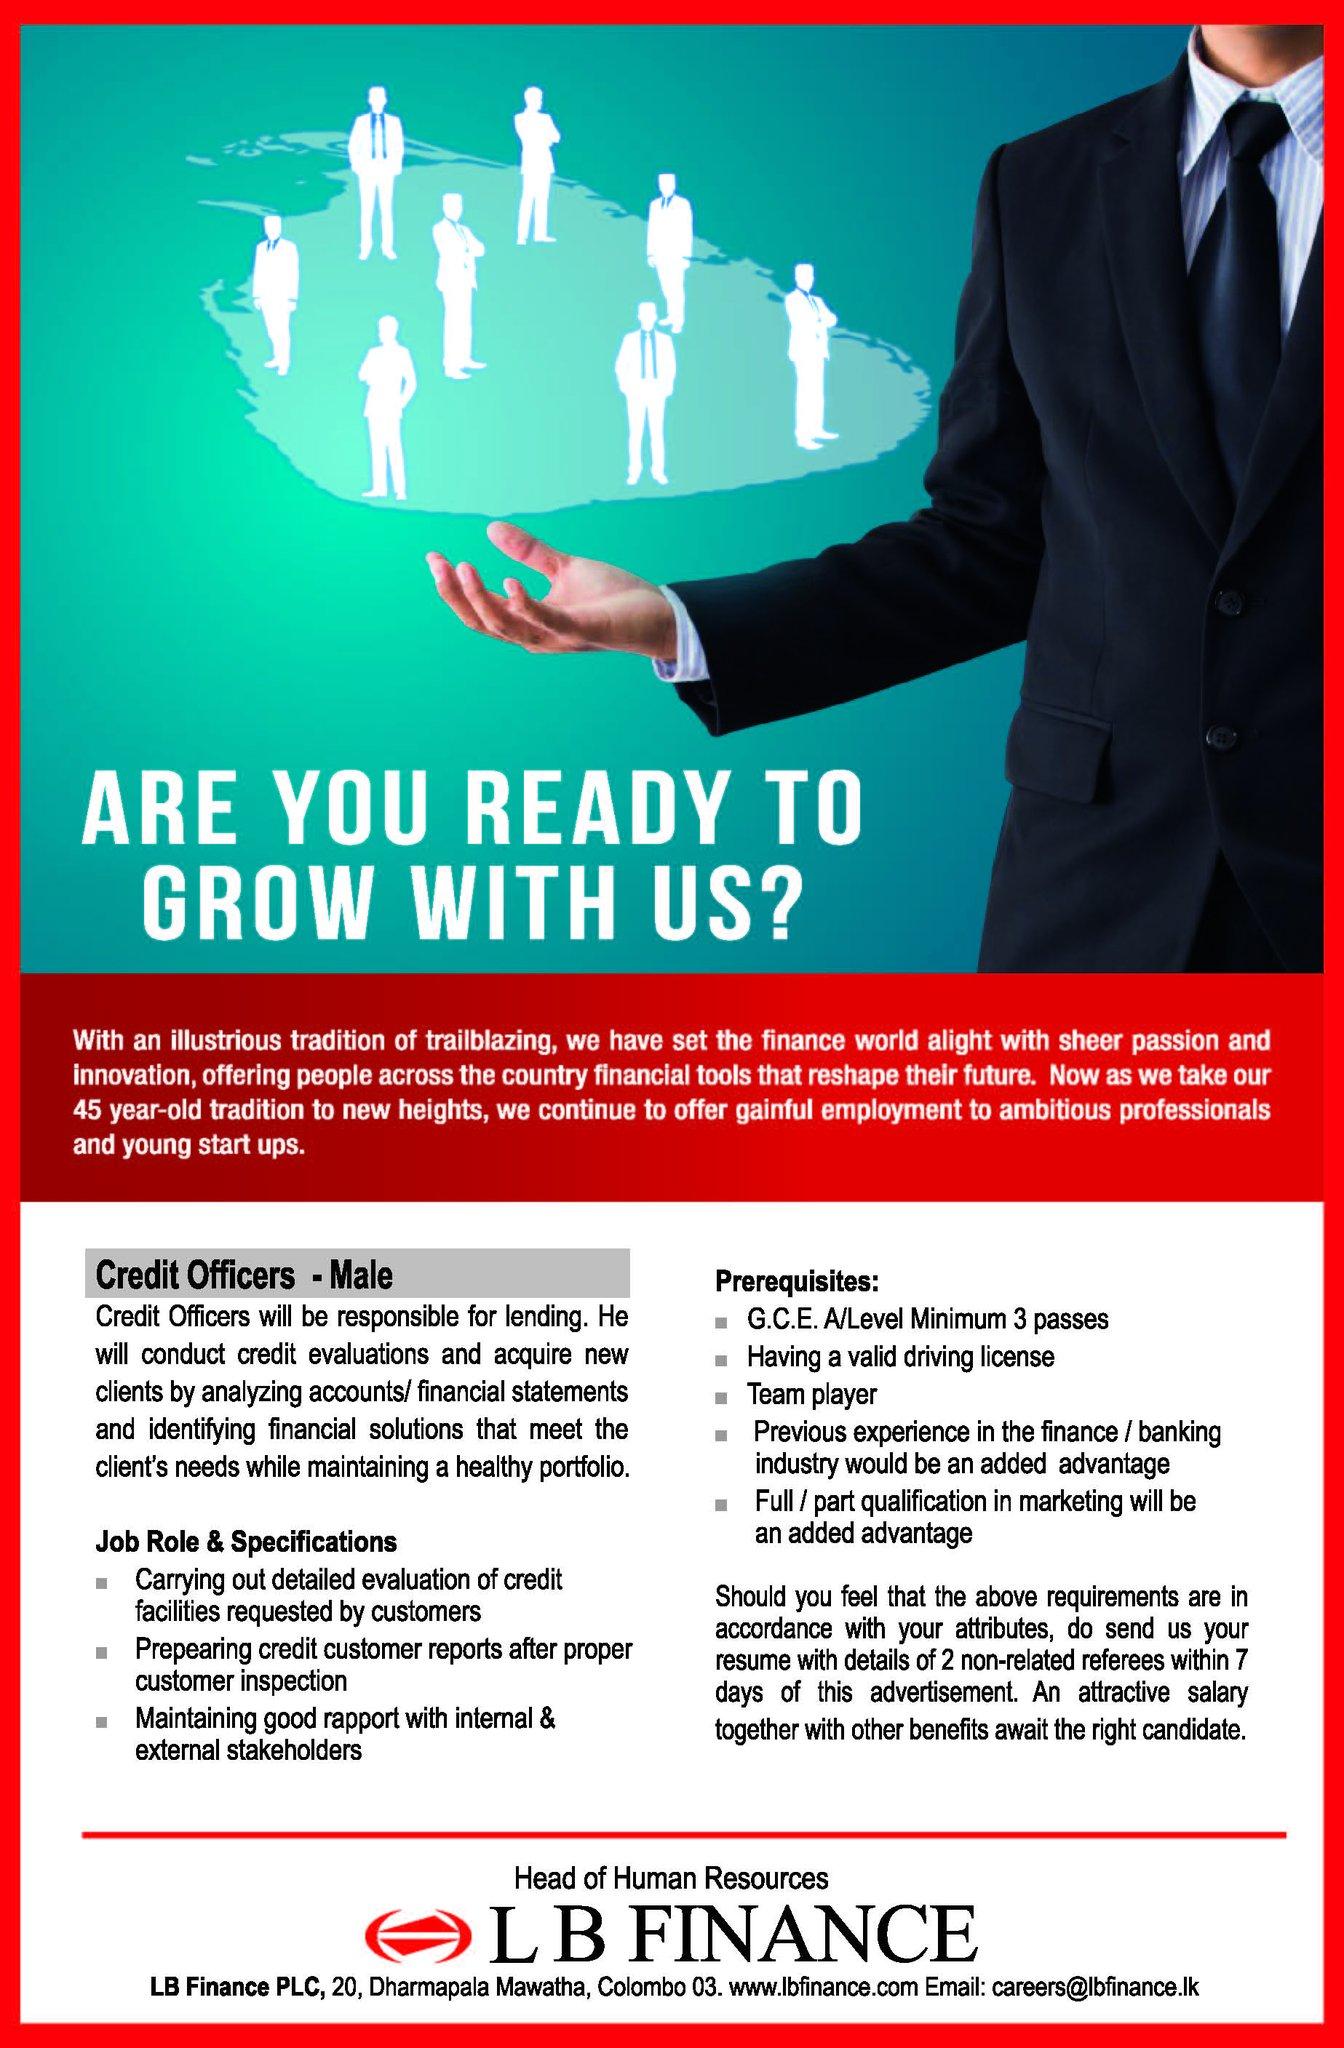 Observerjobs On Twitter L B Finance Plc Credit Officers Male Https T Co B3o1upd2zm Career Jobs Lk Srilanka Lka